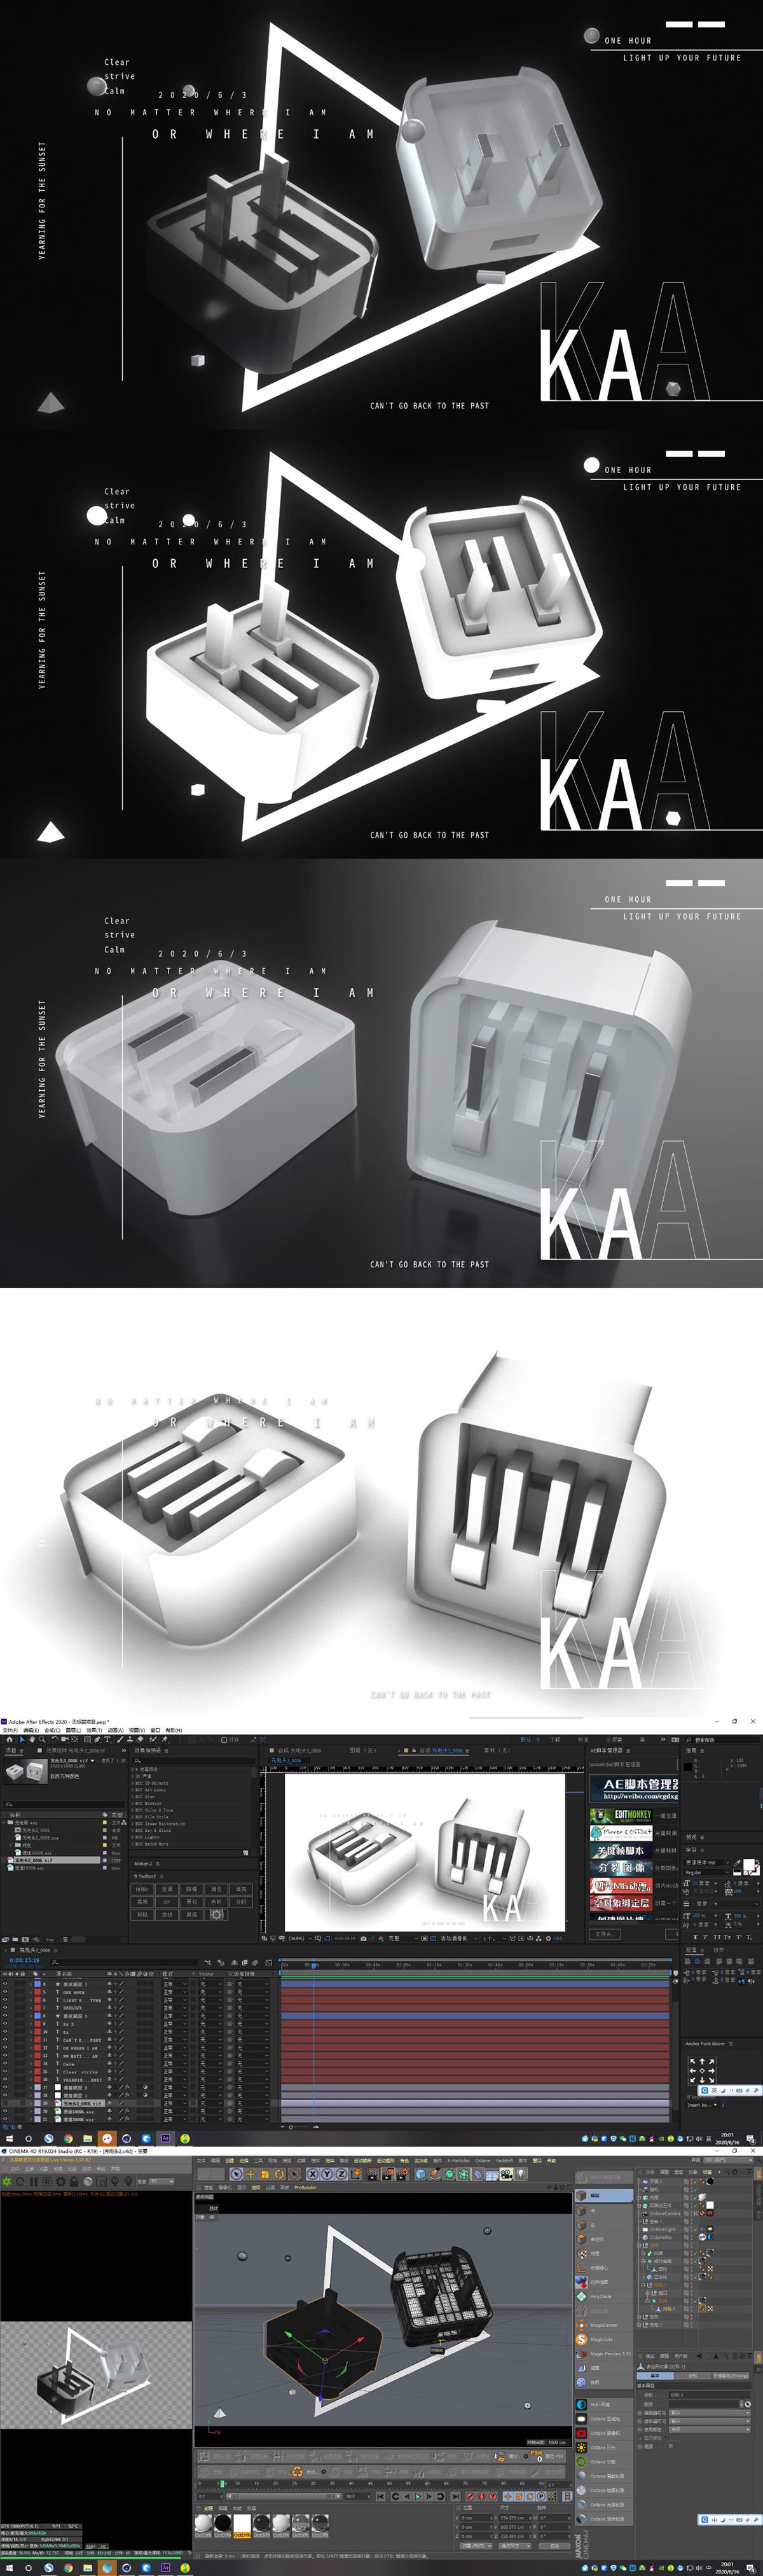 充电器.jpg